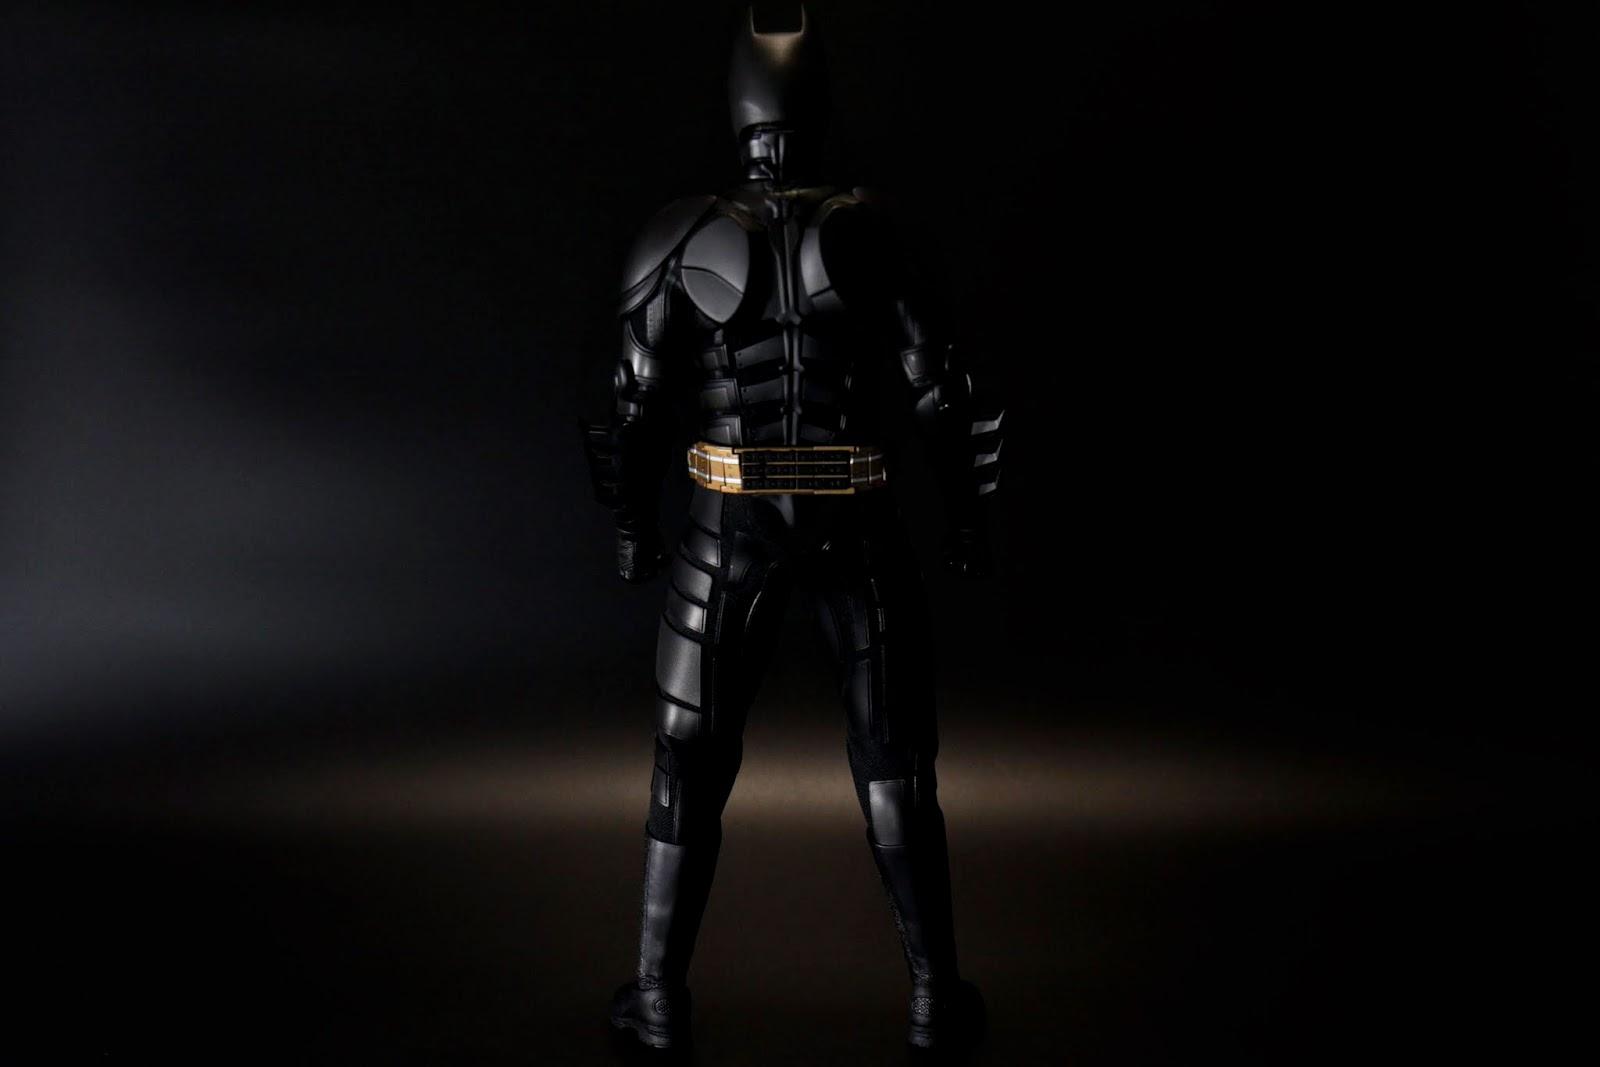 這個蝙蝠俠素體就常駐在武器櫃裡用